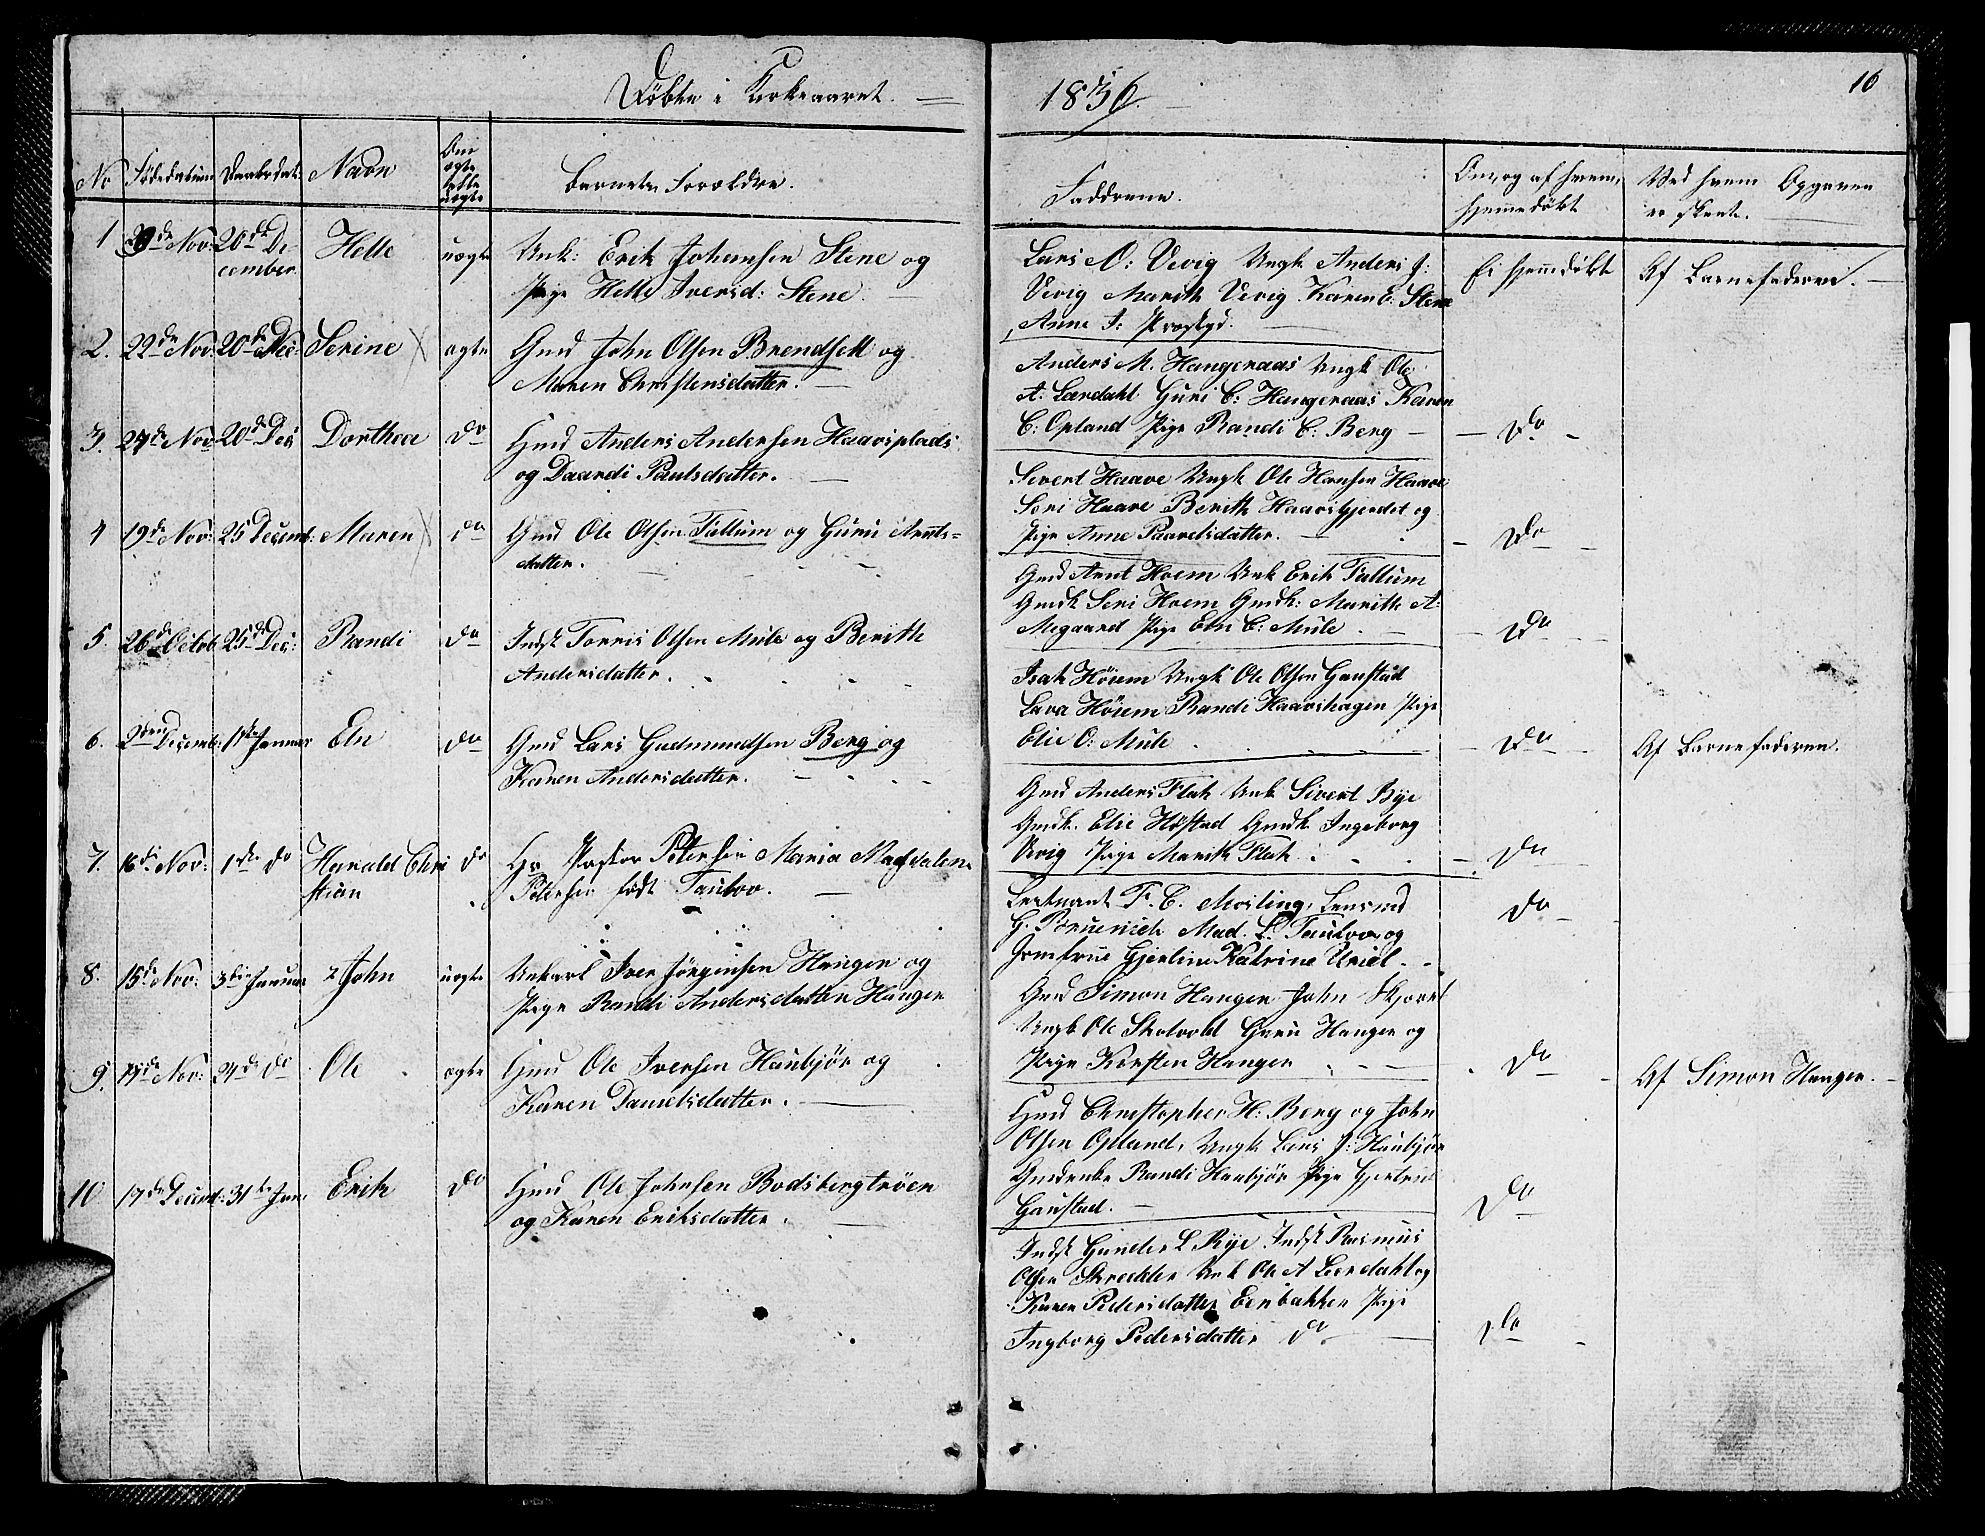 SAT, Ministerialprotokoller, klokkerbøker og fødselsregistre - Sør-Trøndelag, 612/L0386: Klokkerbok nr. 612C02, 1834-1845, s. 16